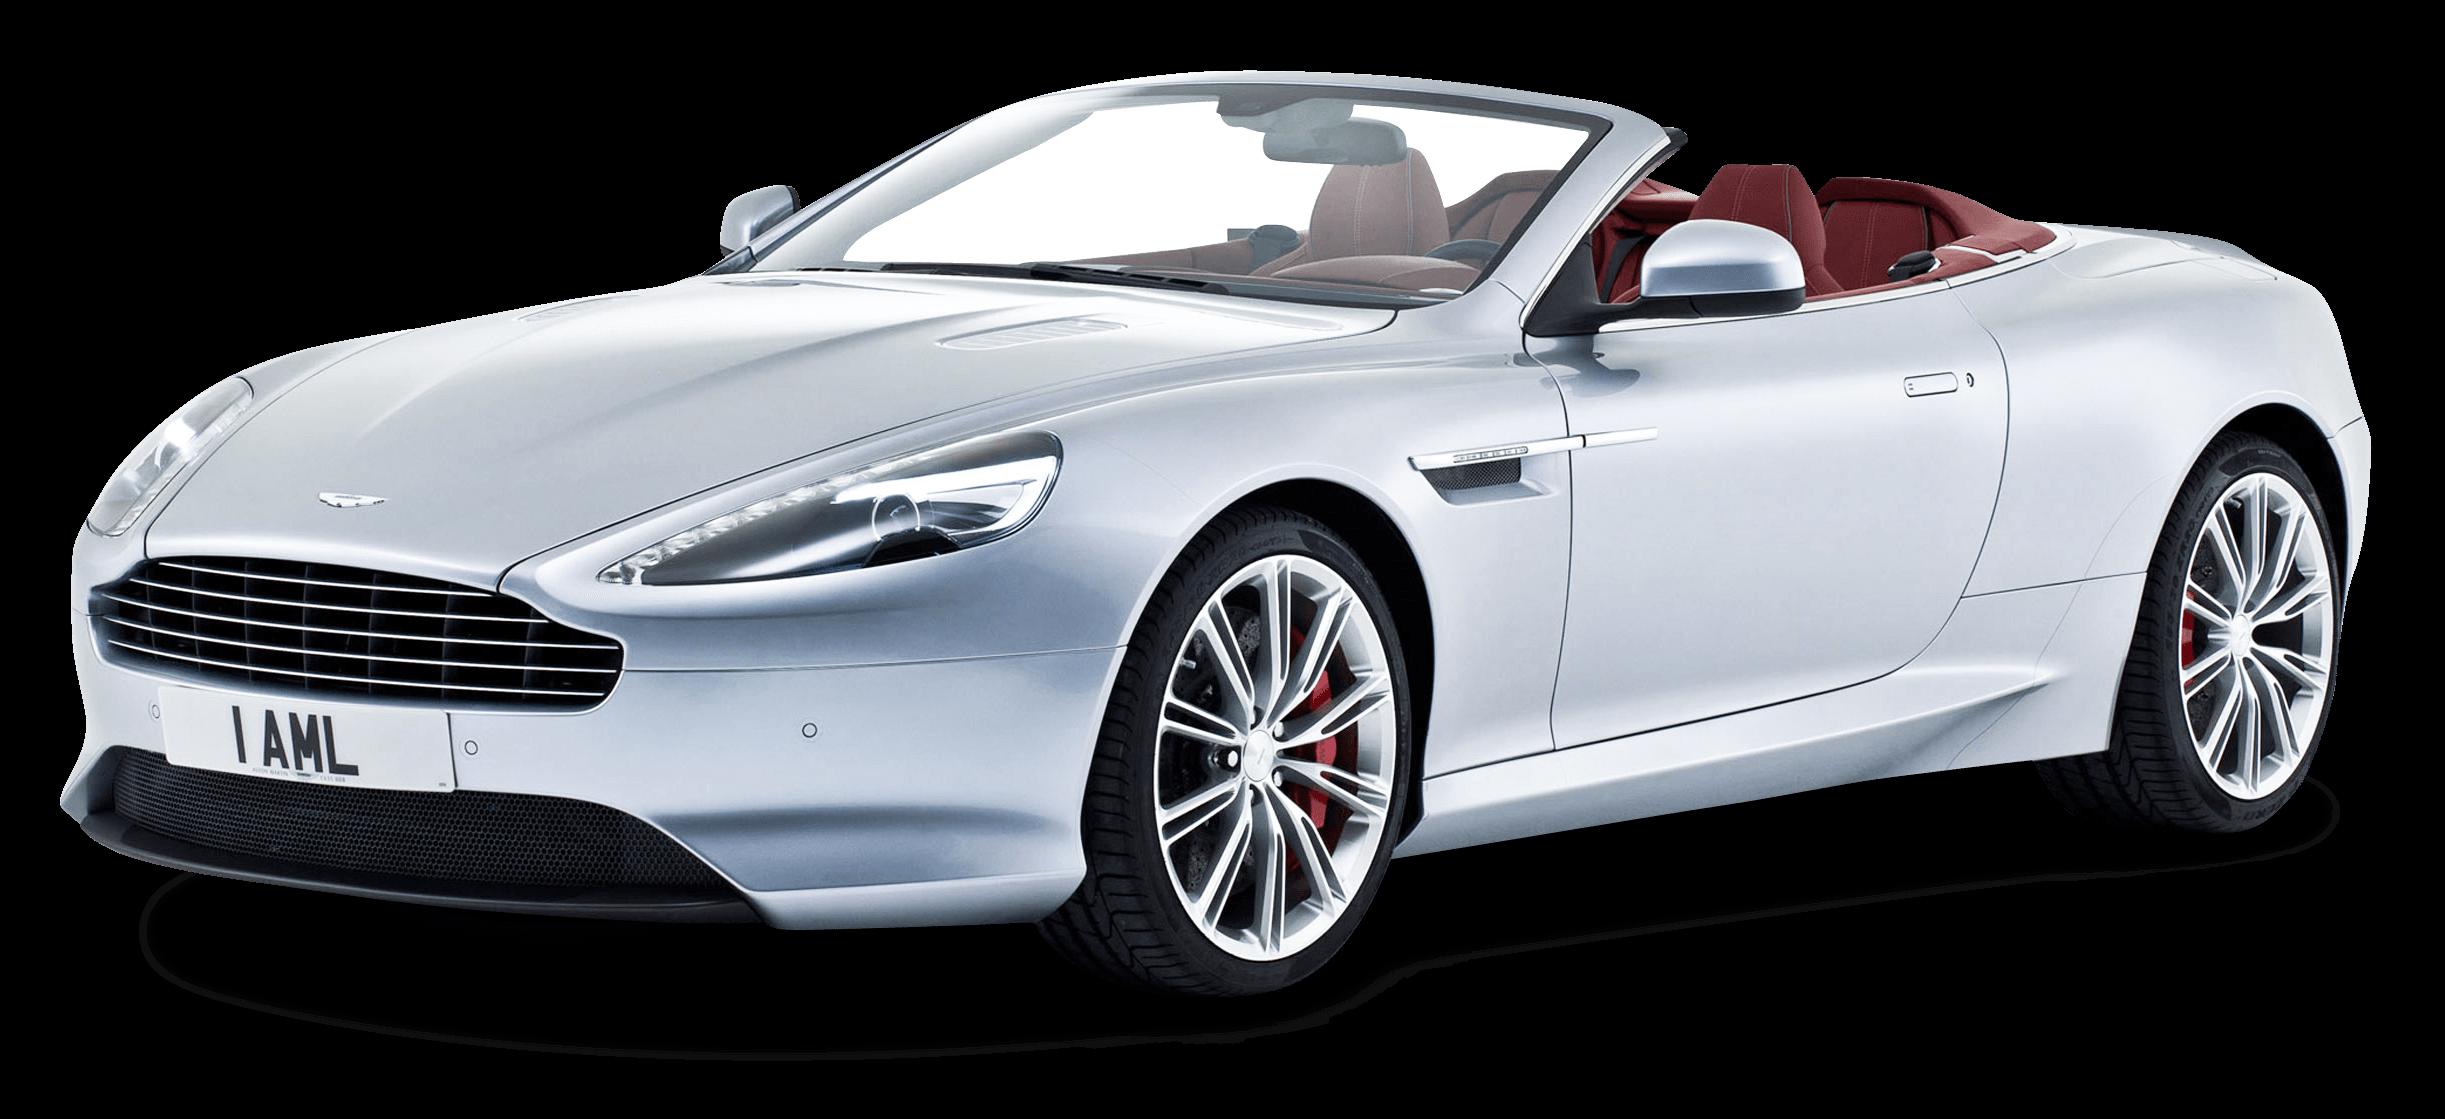 Convertible Db9 Aston Martin Transparent Png Stickpng